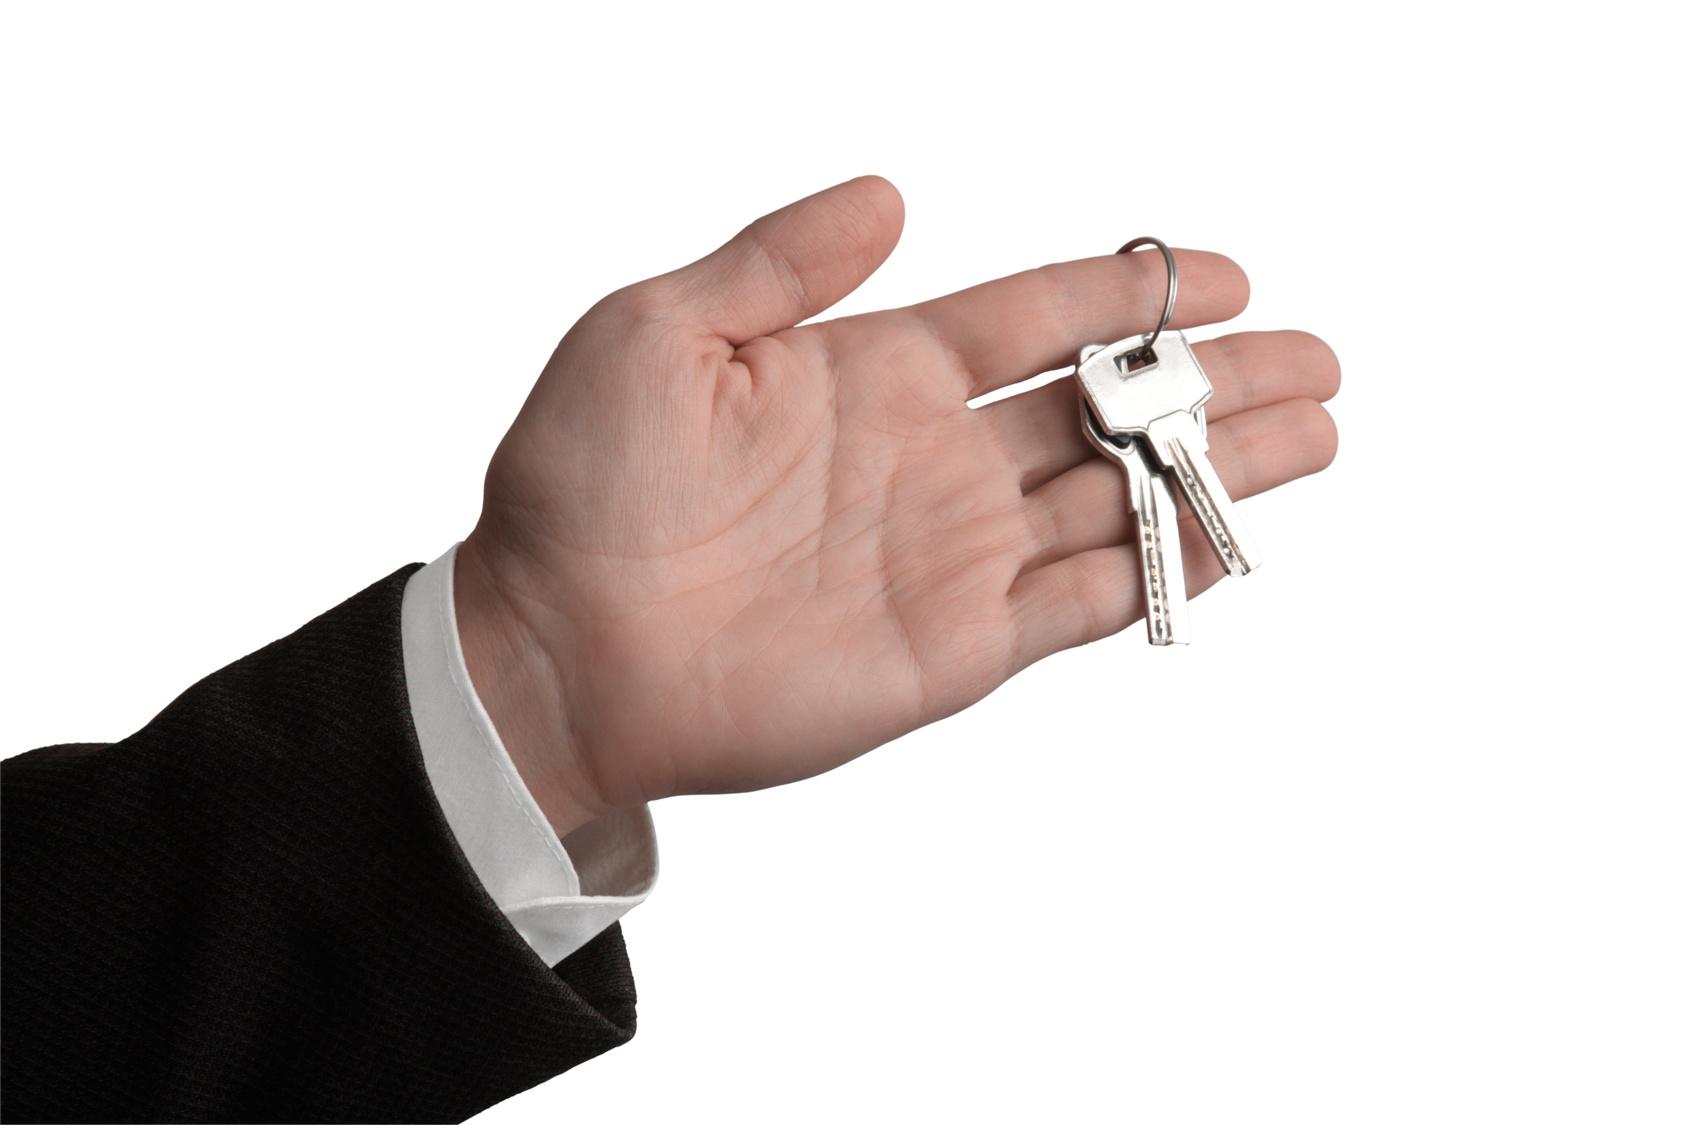 Handing the keys over